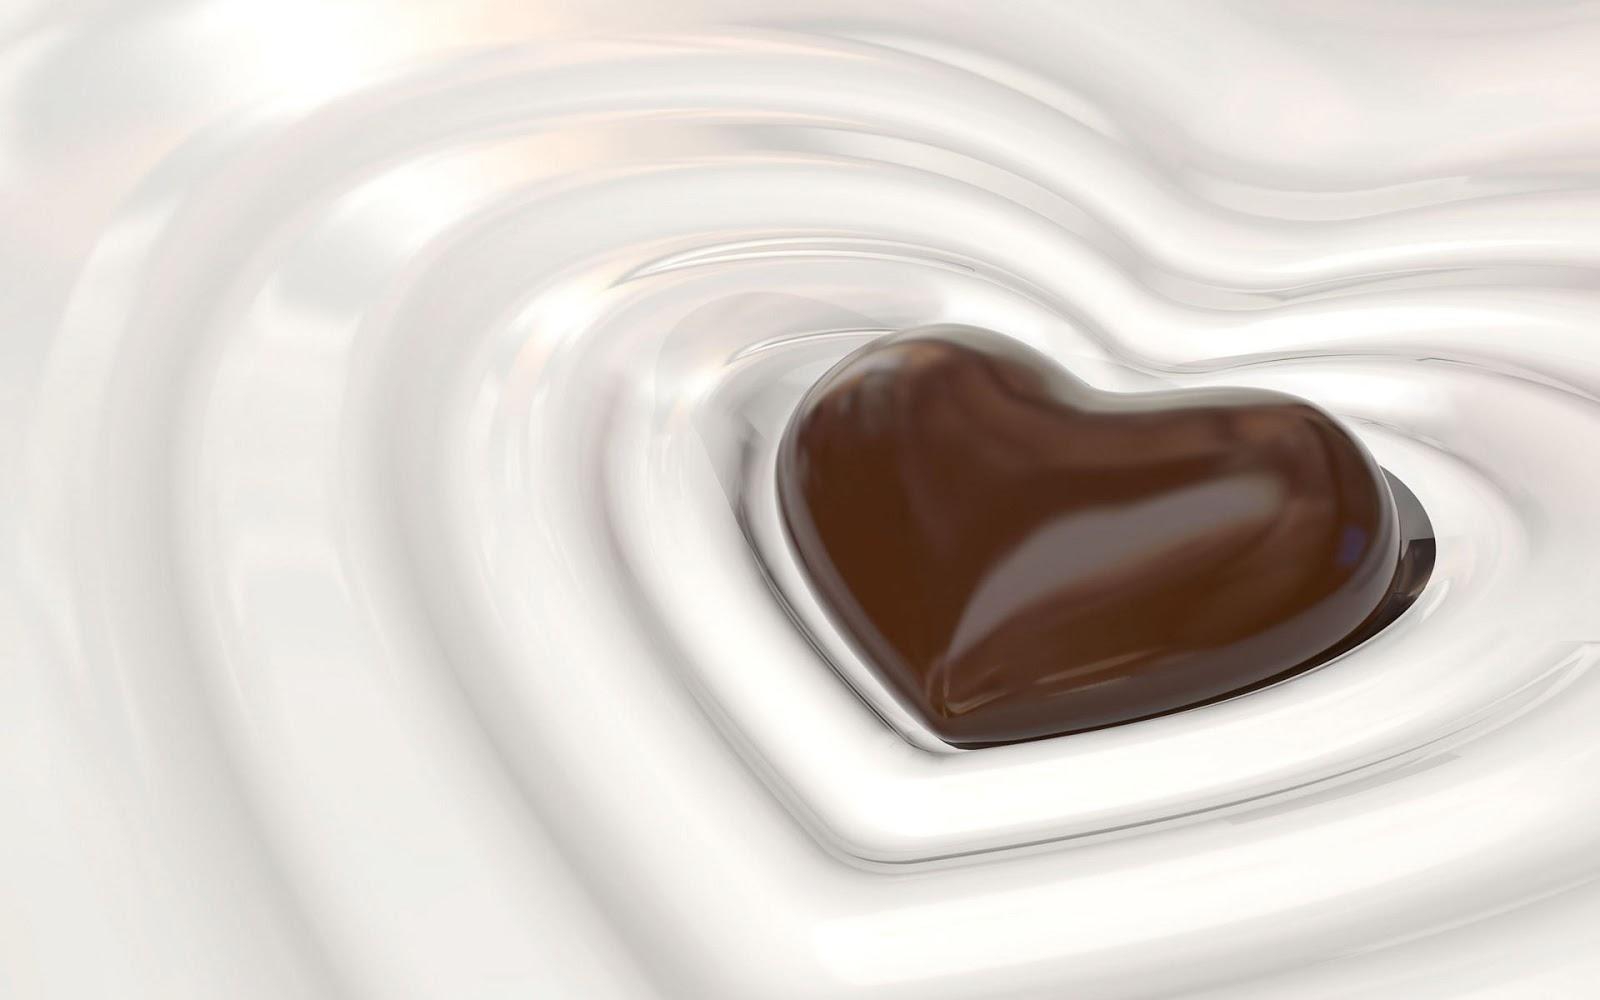 chocolate heart cake wallpaper - photo #27